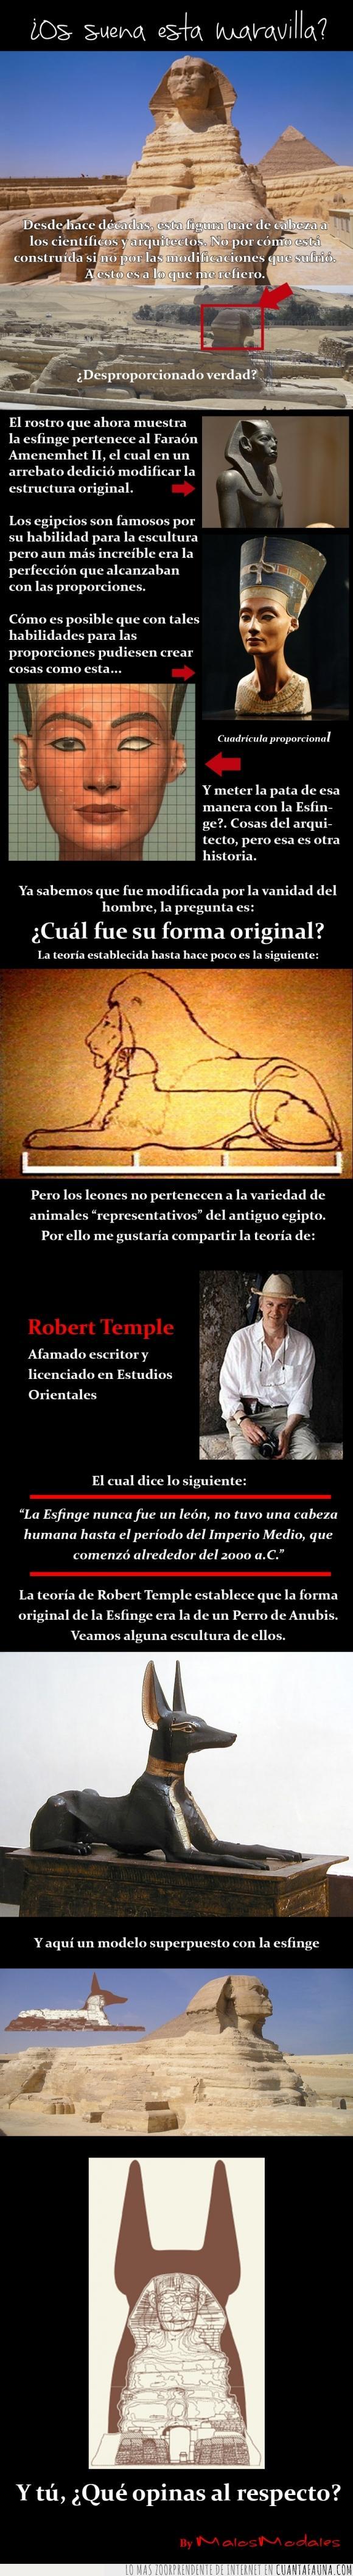 Amenemhet II,Anubis,deforme,desproporción,escultura,Esfinge,malosmodales,maravilla,modelo,nefertiti,opinión,original,perro,proporción,Robert Temple,rostro